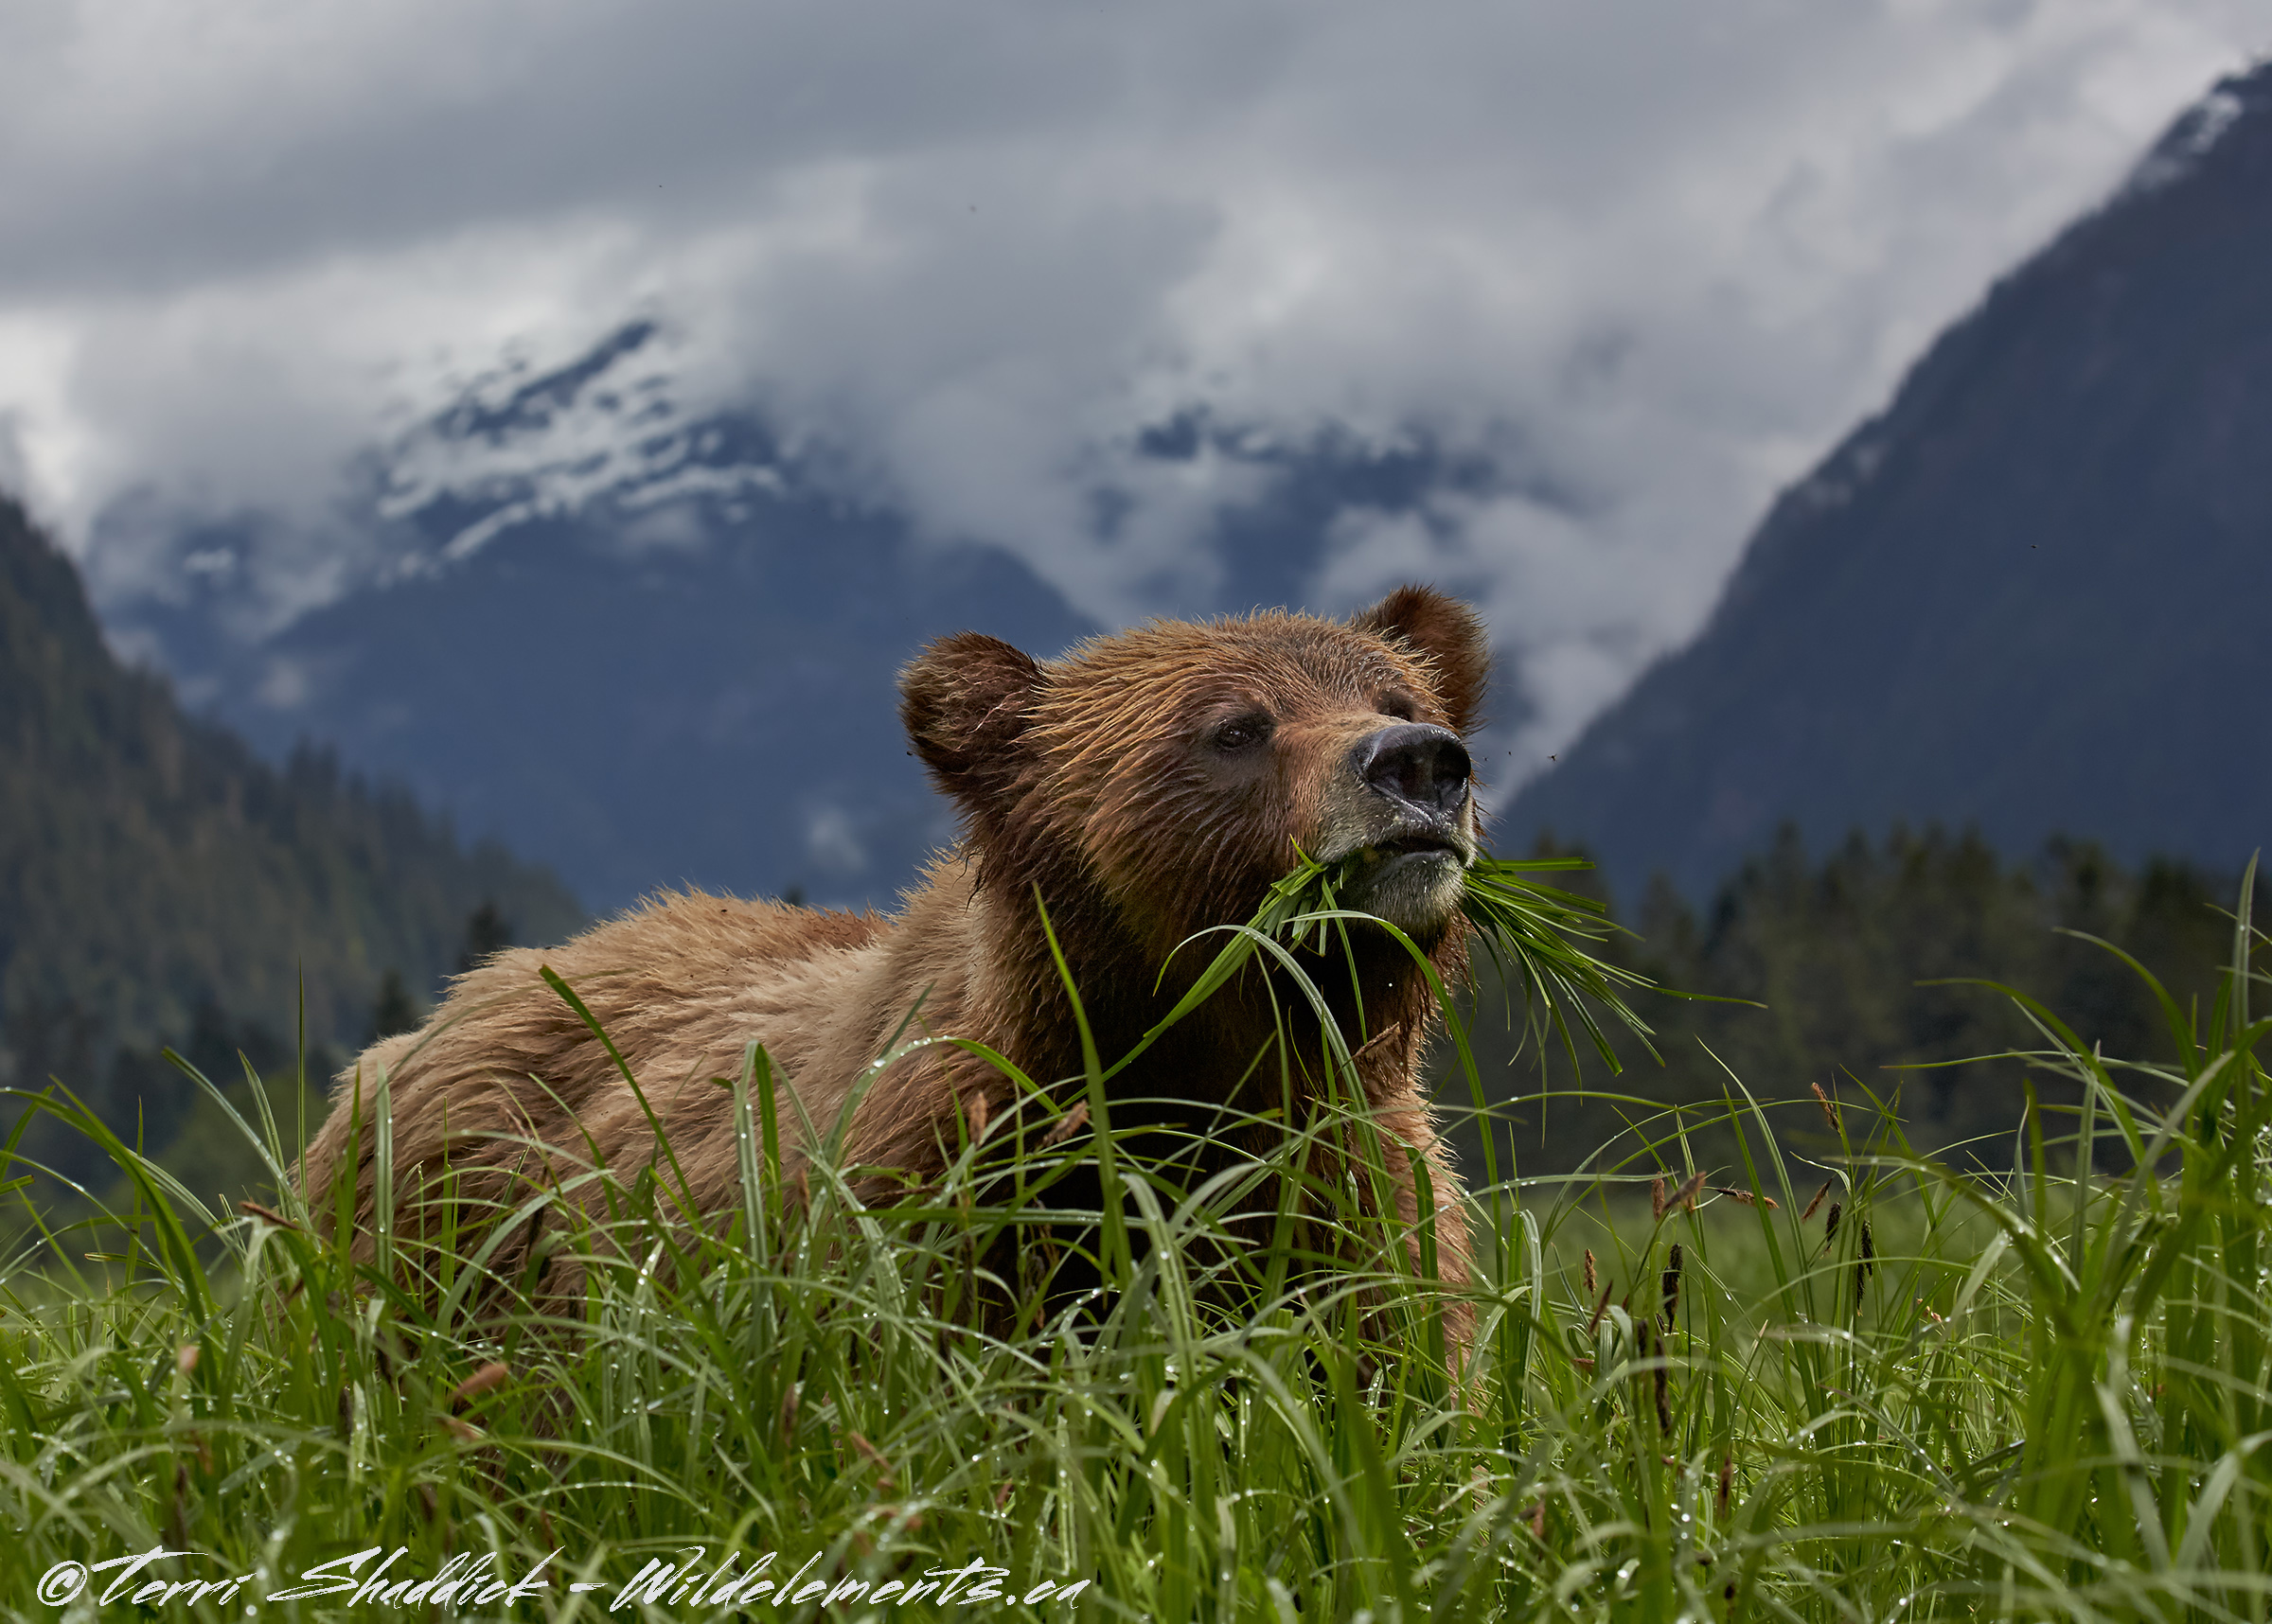 Grizzly Bear eating grass Khutzeymateen